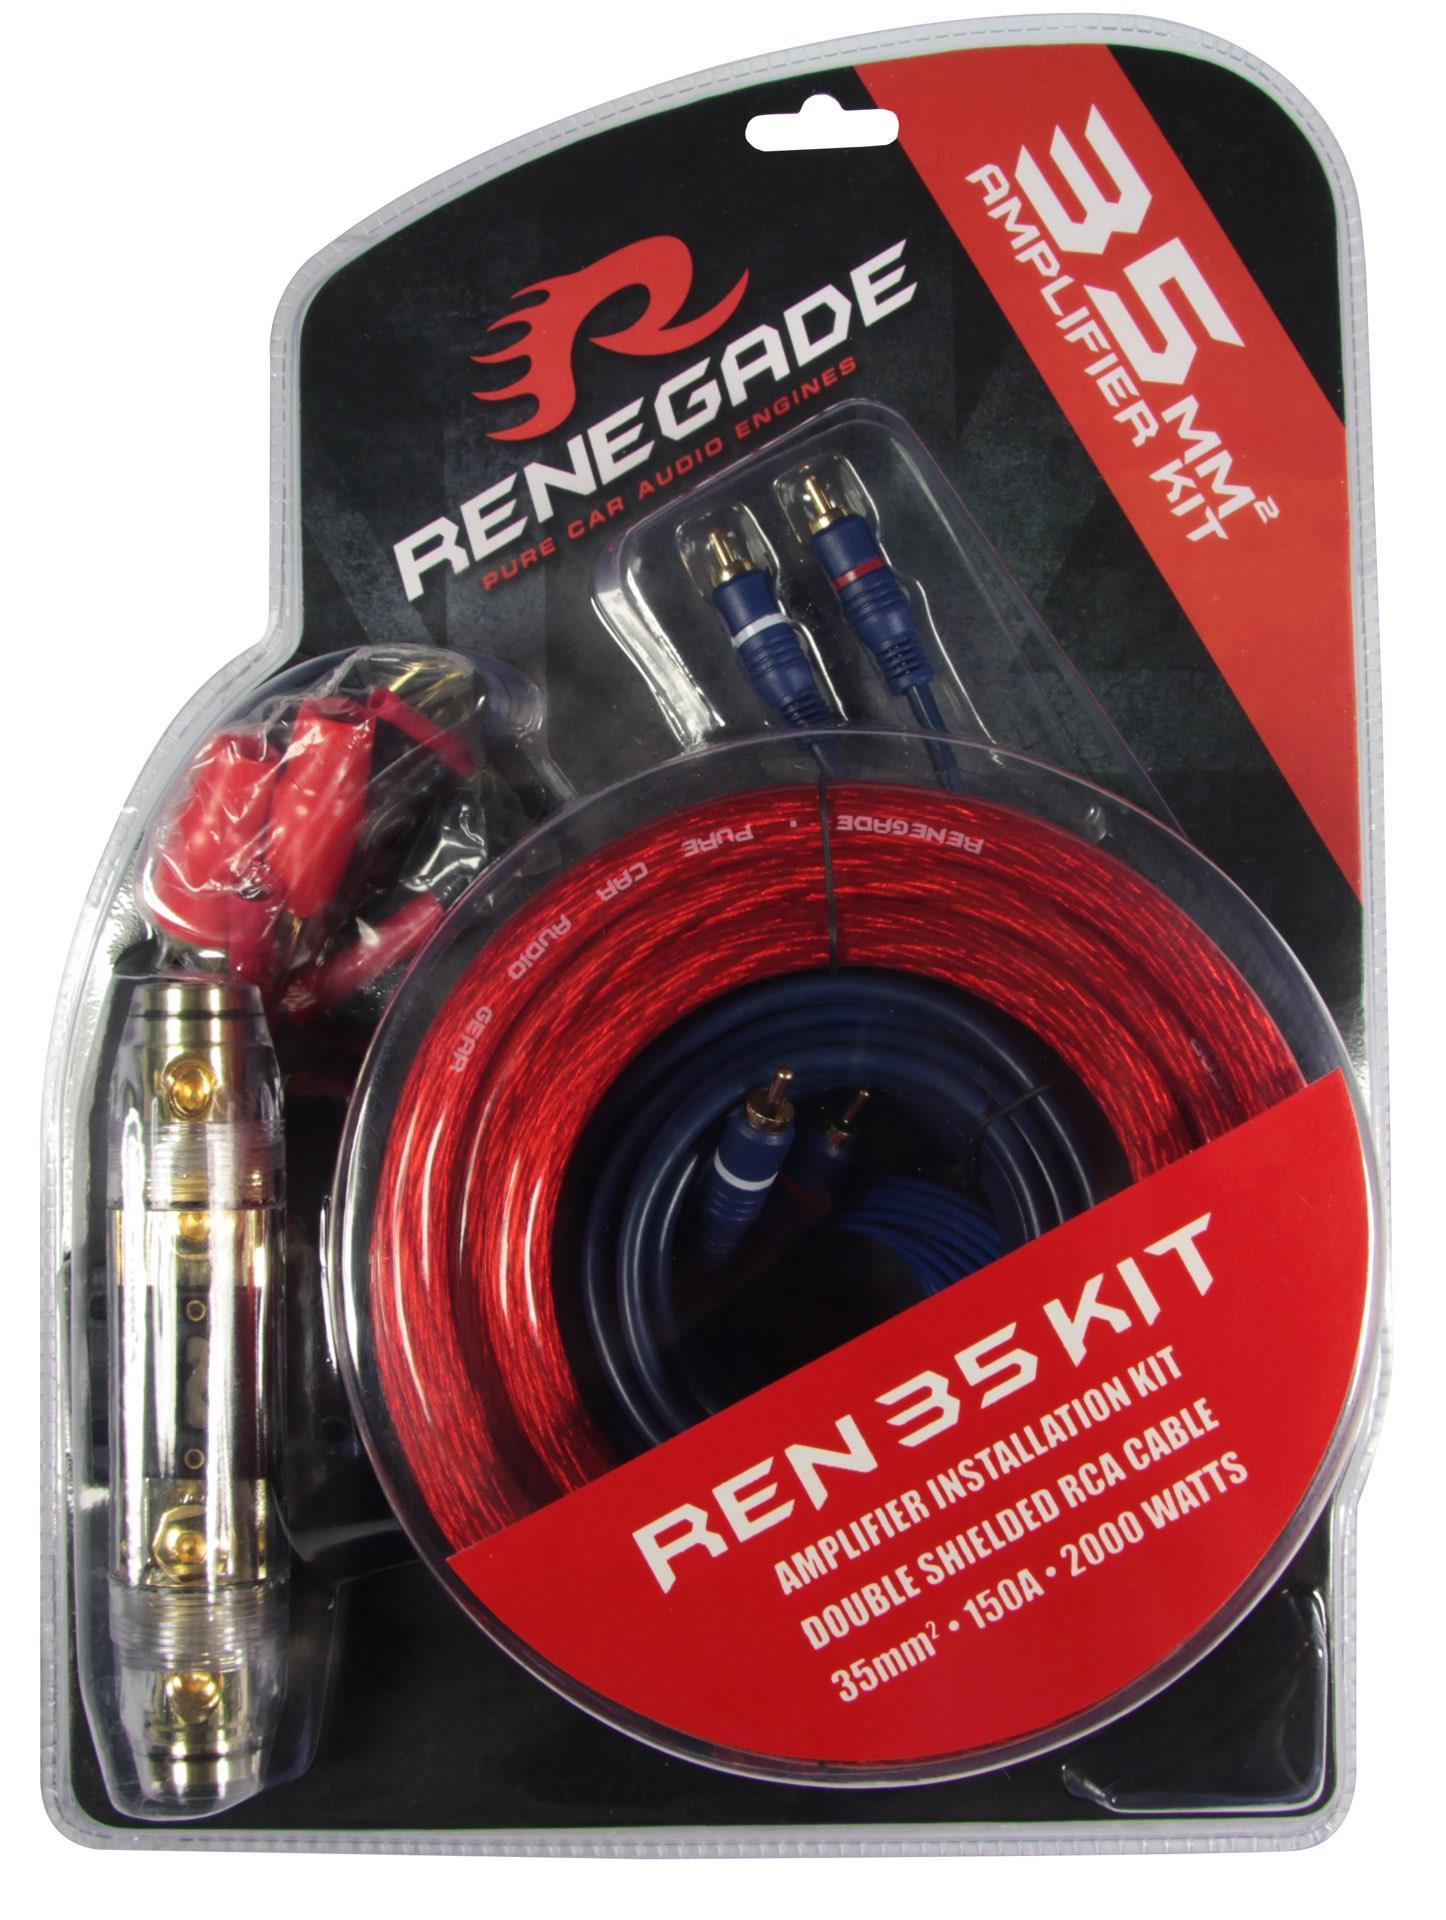 Endstufen-Kabelset RENEGADE REN35KIT Bewertung